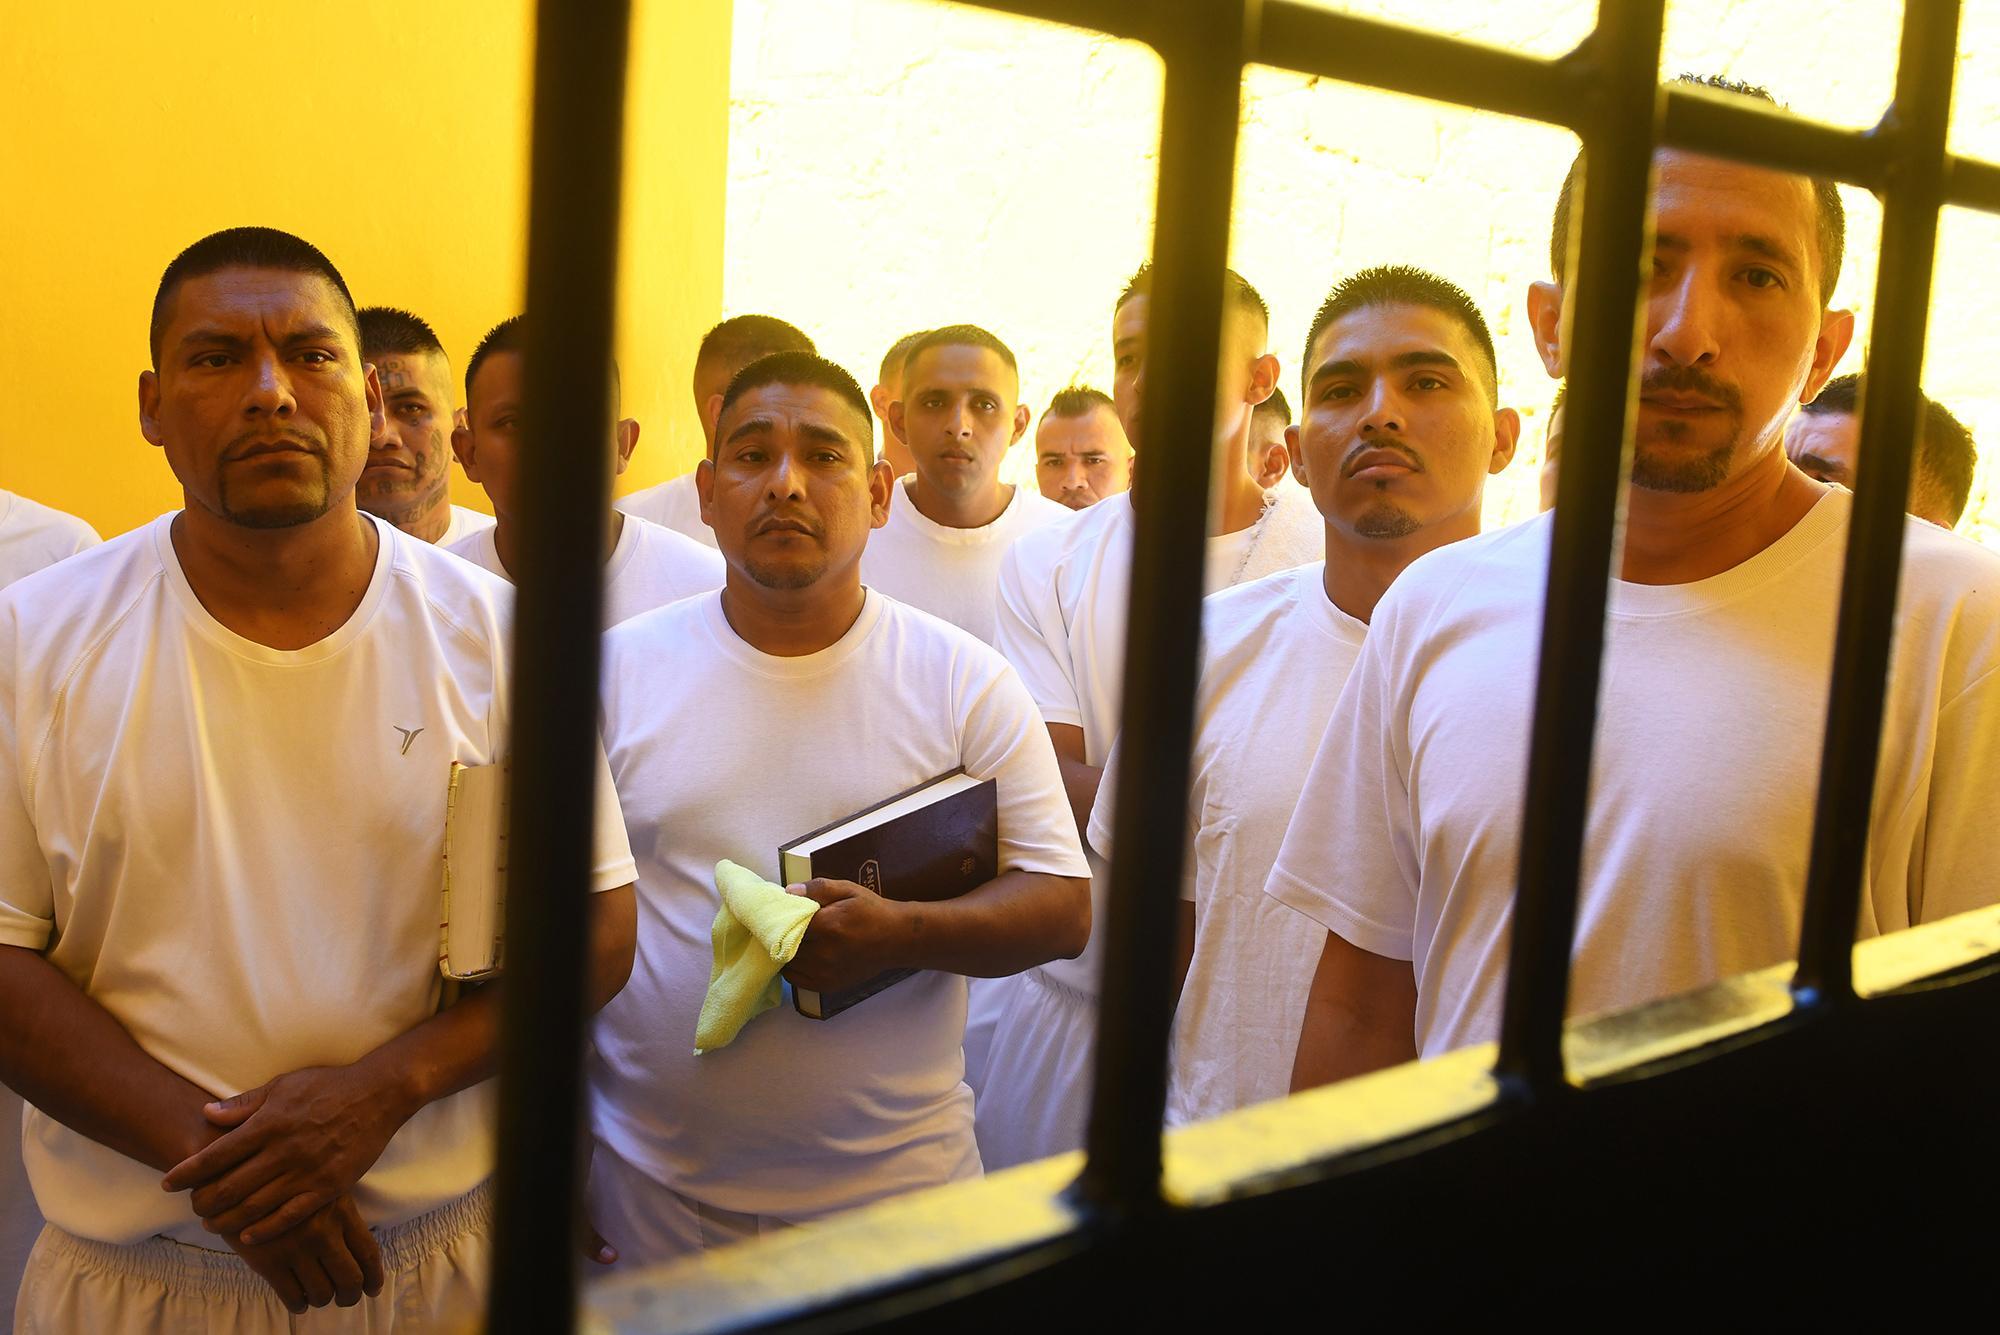 Miembros de la Iglesia de la Final Trompeta en el penal de San Francisco Gotera. Este es el movimiento que dirigió dentro de esa prisión Carlos Montano, arrebatando a la pandilla Revolucionarios, del Barrio 18, más de 400 miembros. Foto: AFP / Marvin Recinos.